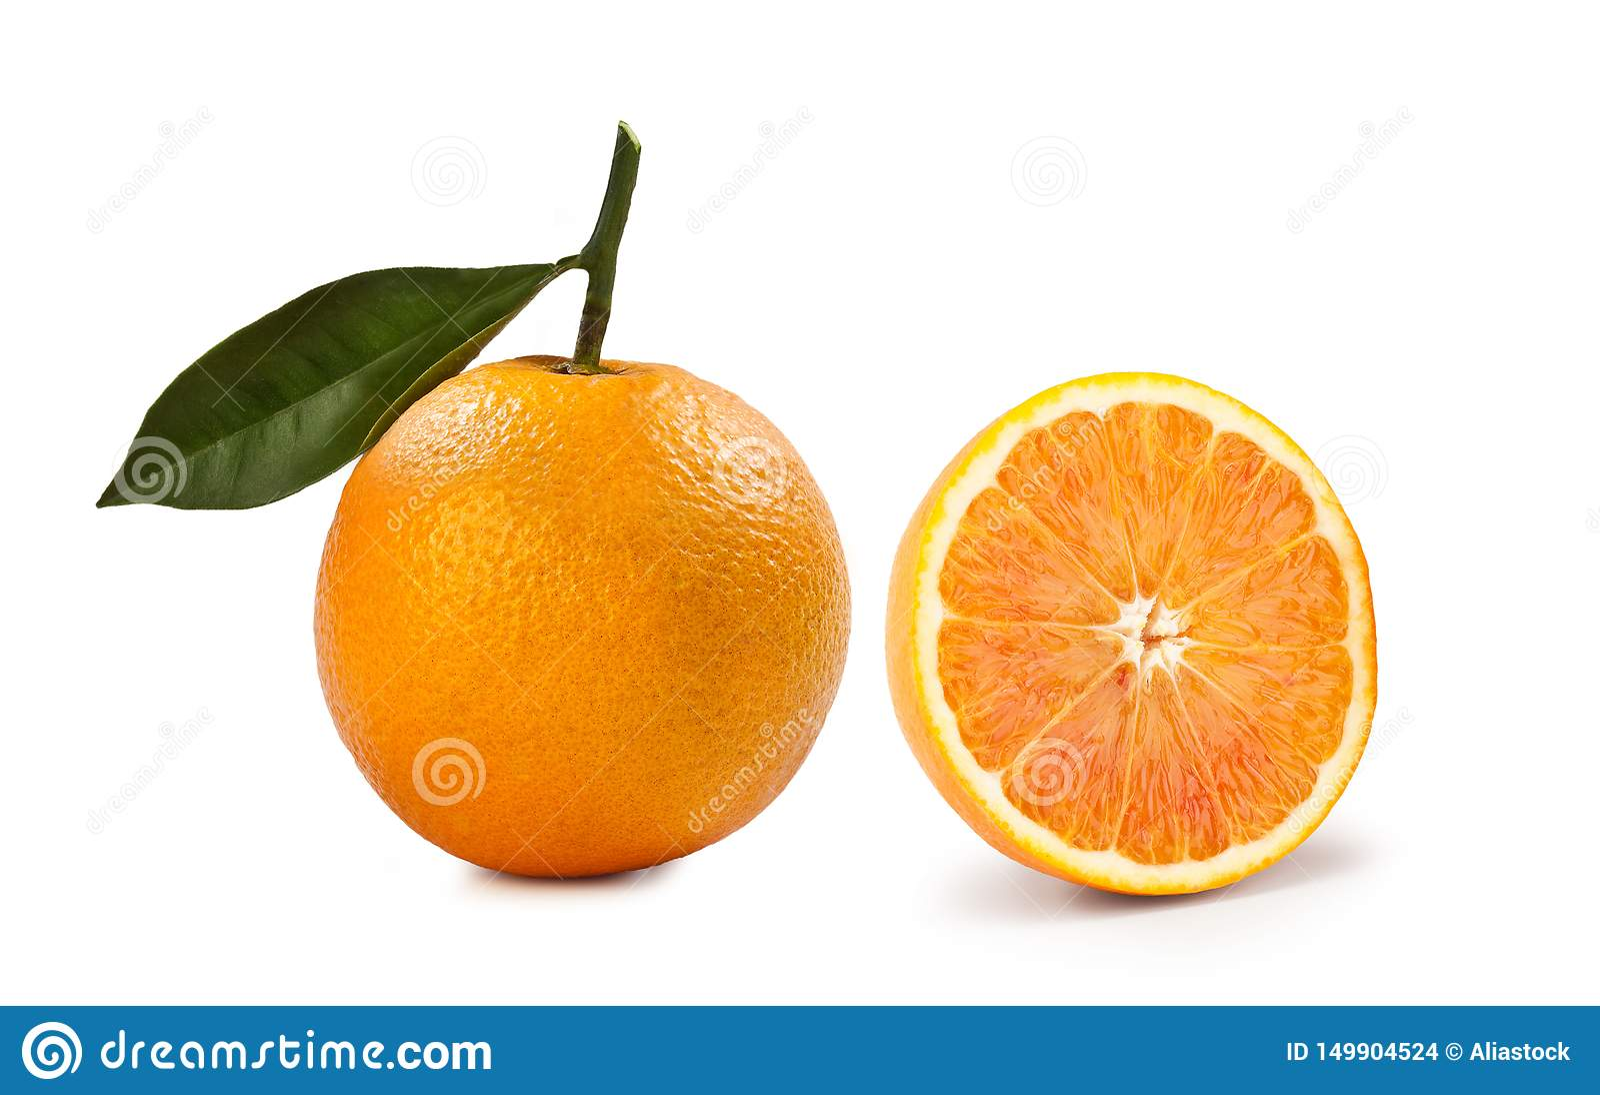 """Ξανθό πορτοκάλι – """"Arancia Bionda """"στο άσπρο υπόβαθρο"""